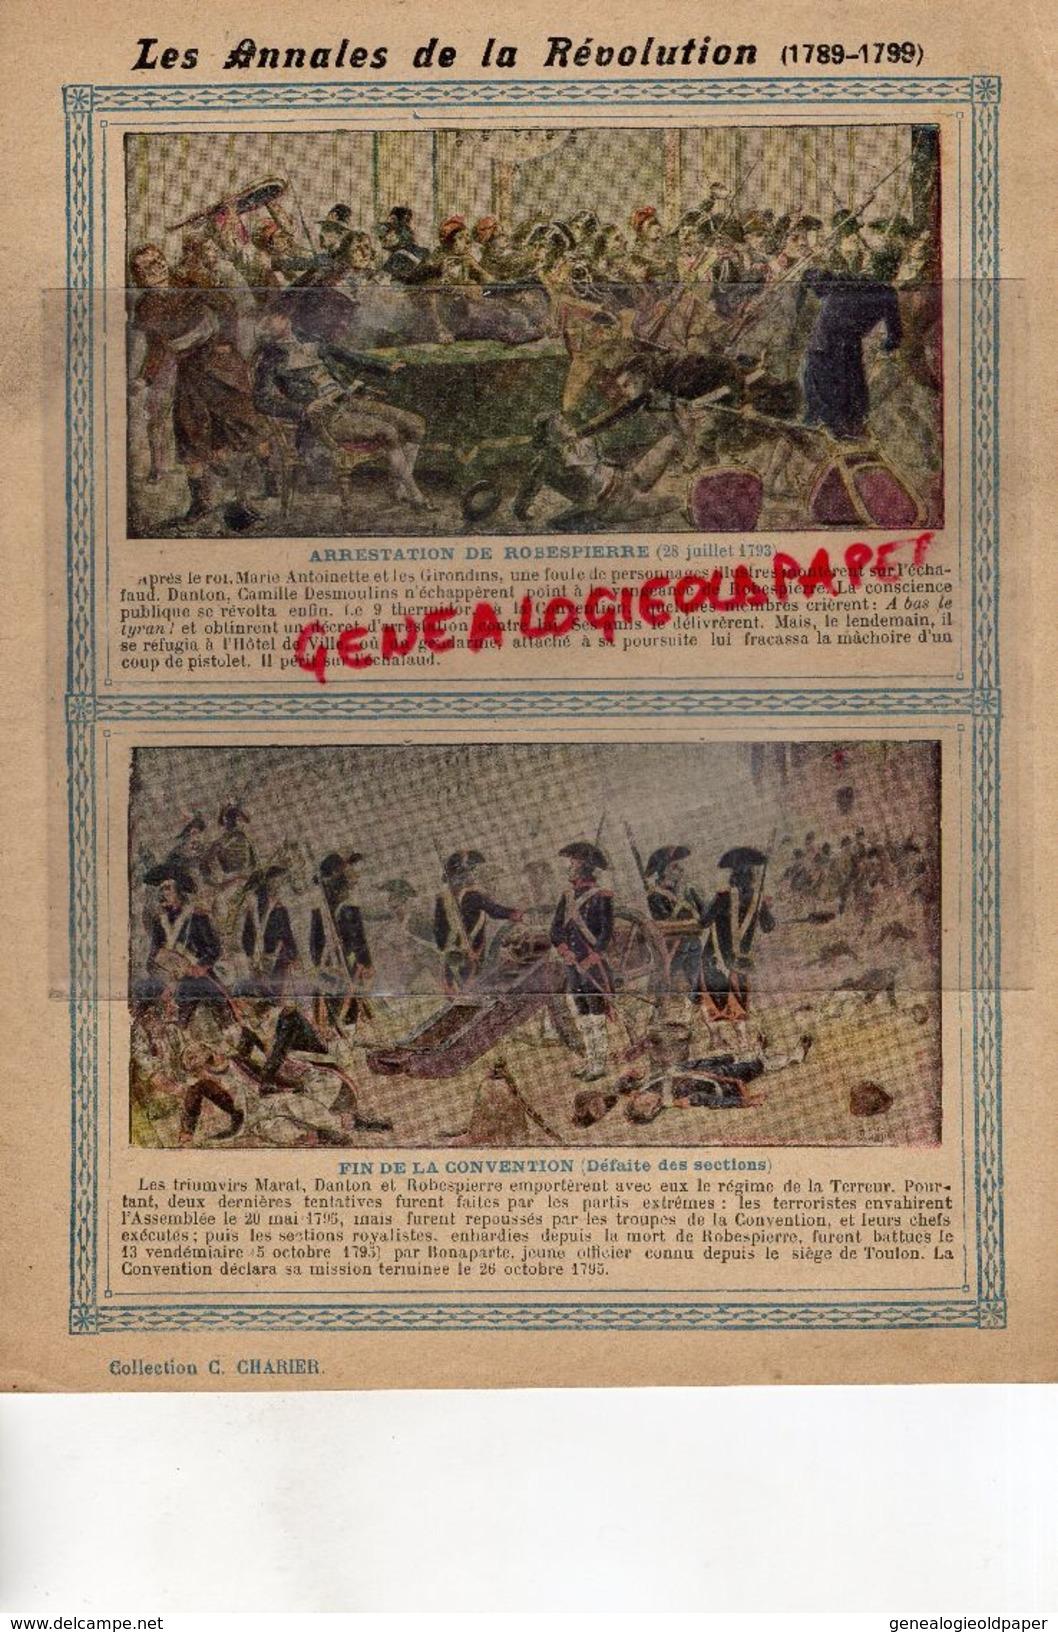 PROTEGE CAHIER- LES ANNALES DE LA REVOLUTION-1789-1799- ARRESTATION ROBESPIERRE-FIN DE LA CONVENTION -CHARIER SAUMUR - Löschblätter, Heftumschläge